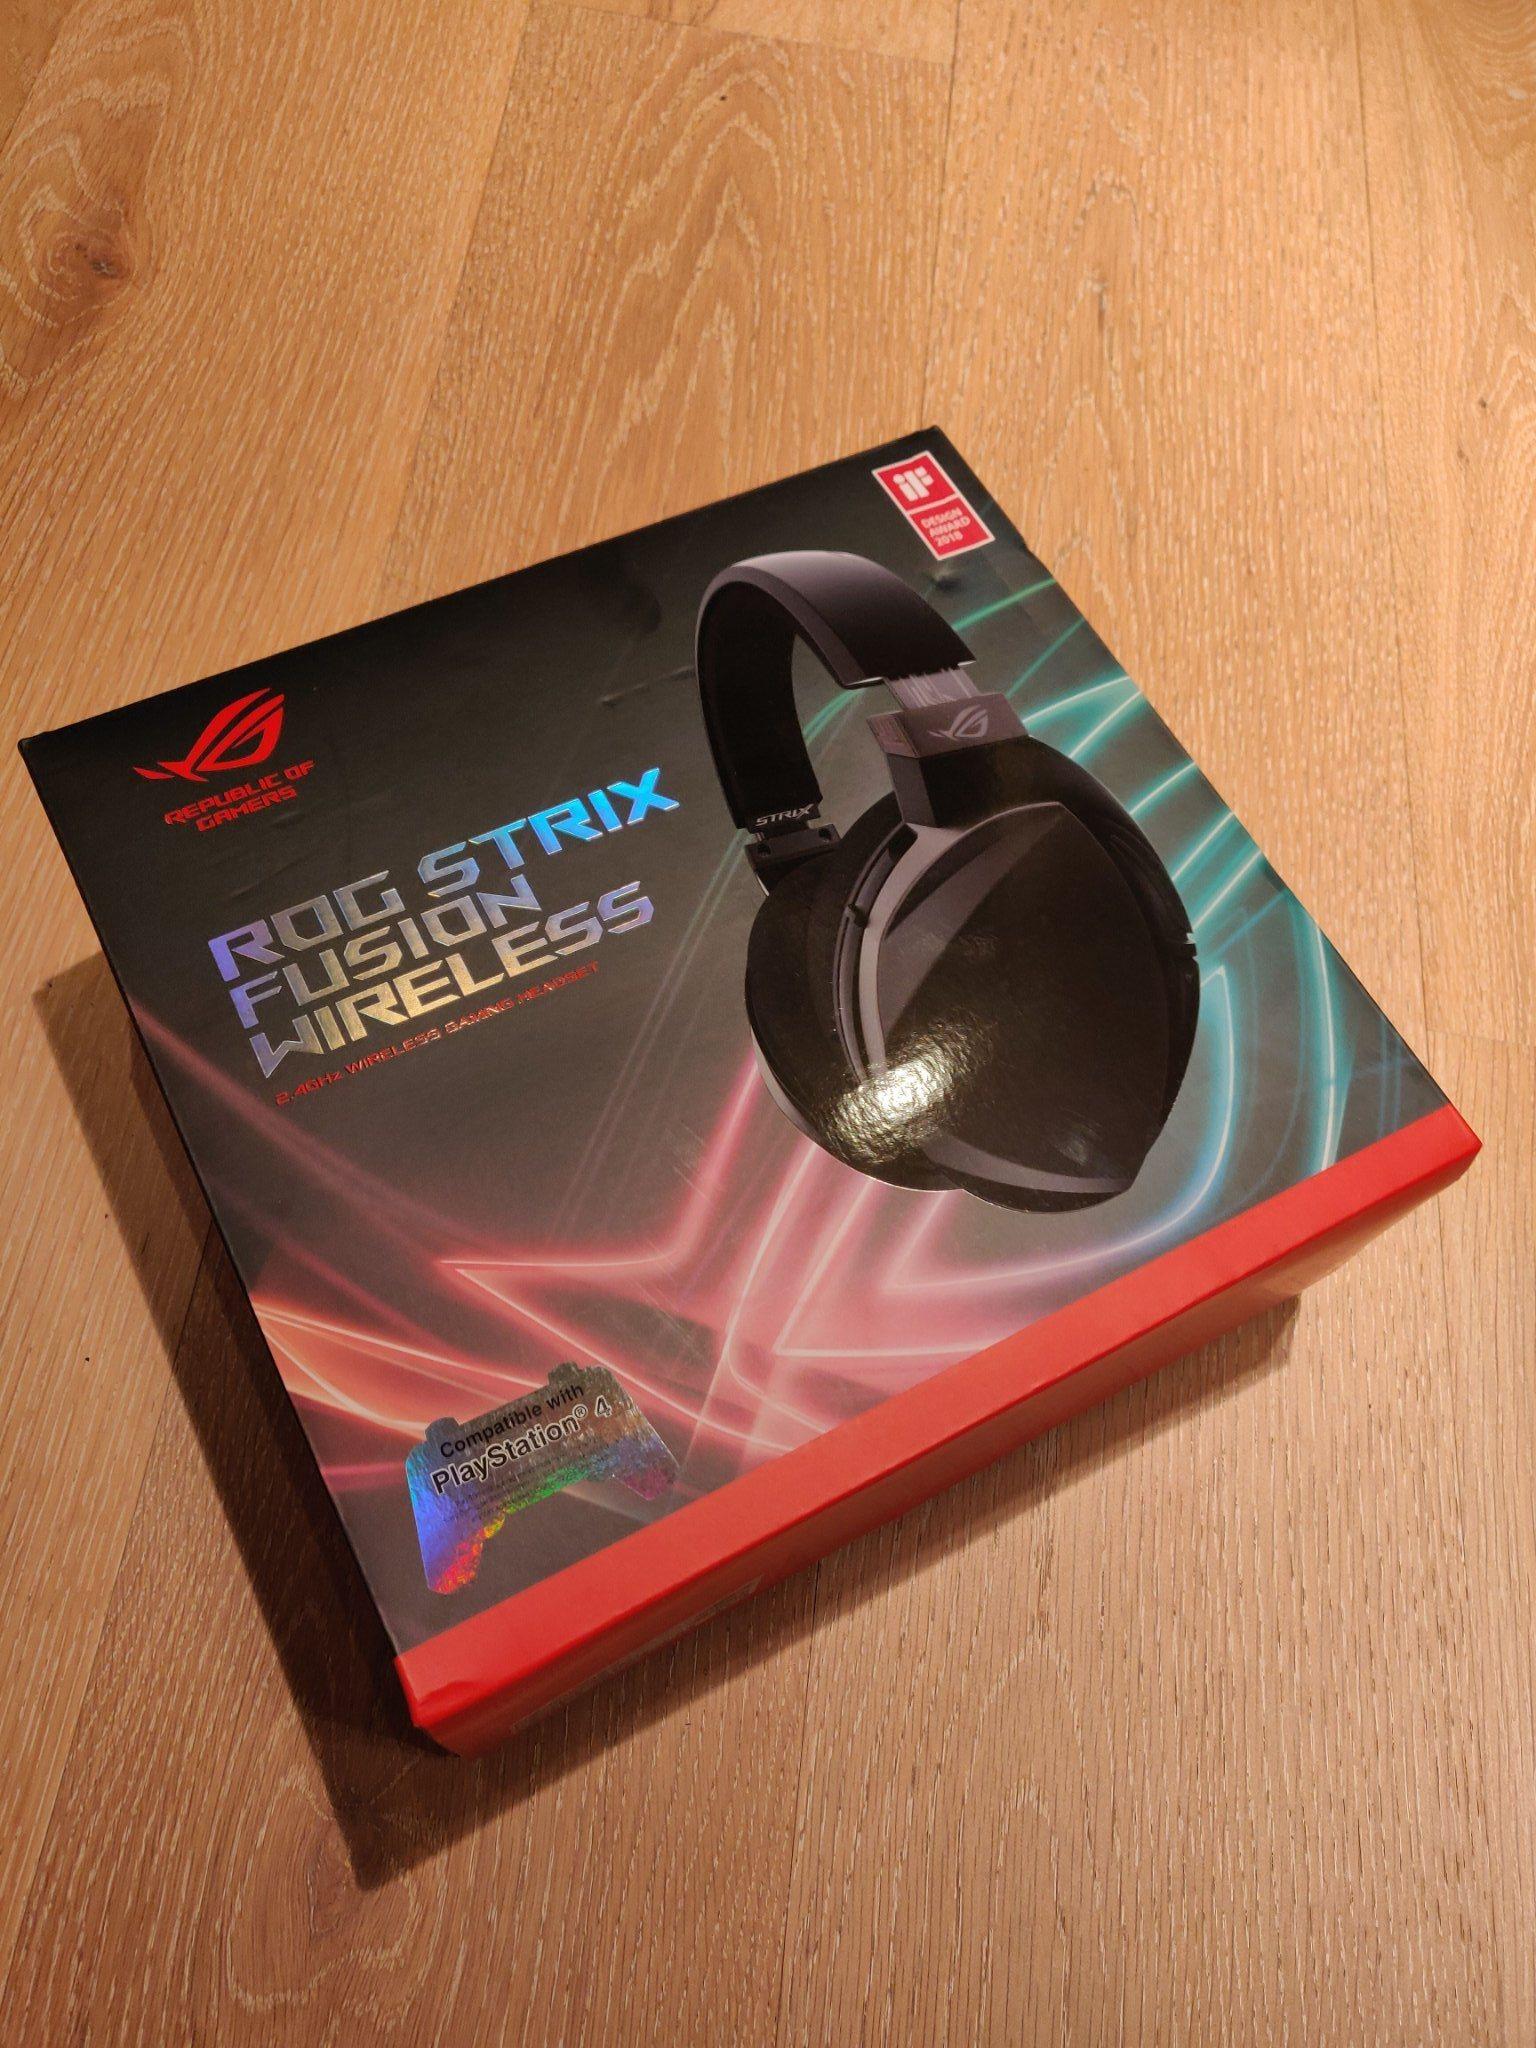 Asus Rog Strix Fusion Wireless (337874689) ᐈ Köp på Tradera baa24a5a56f0f